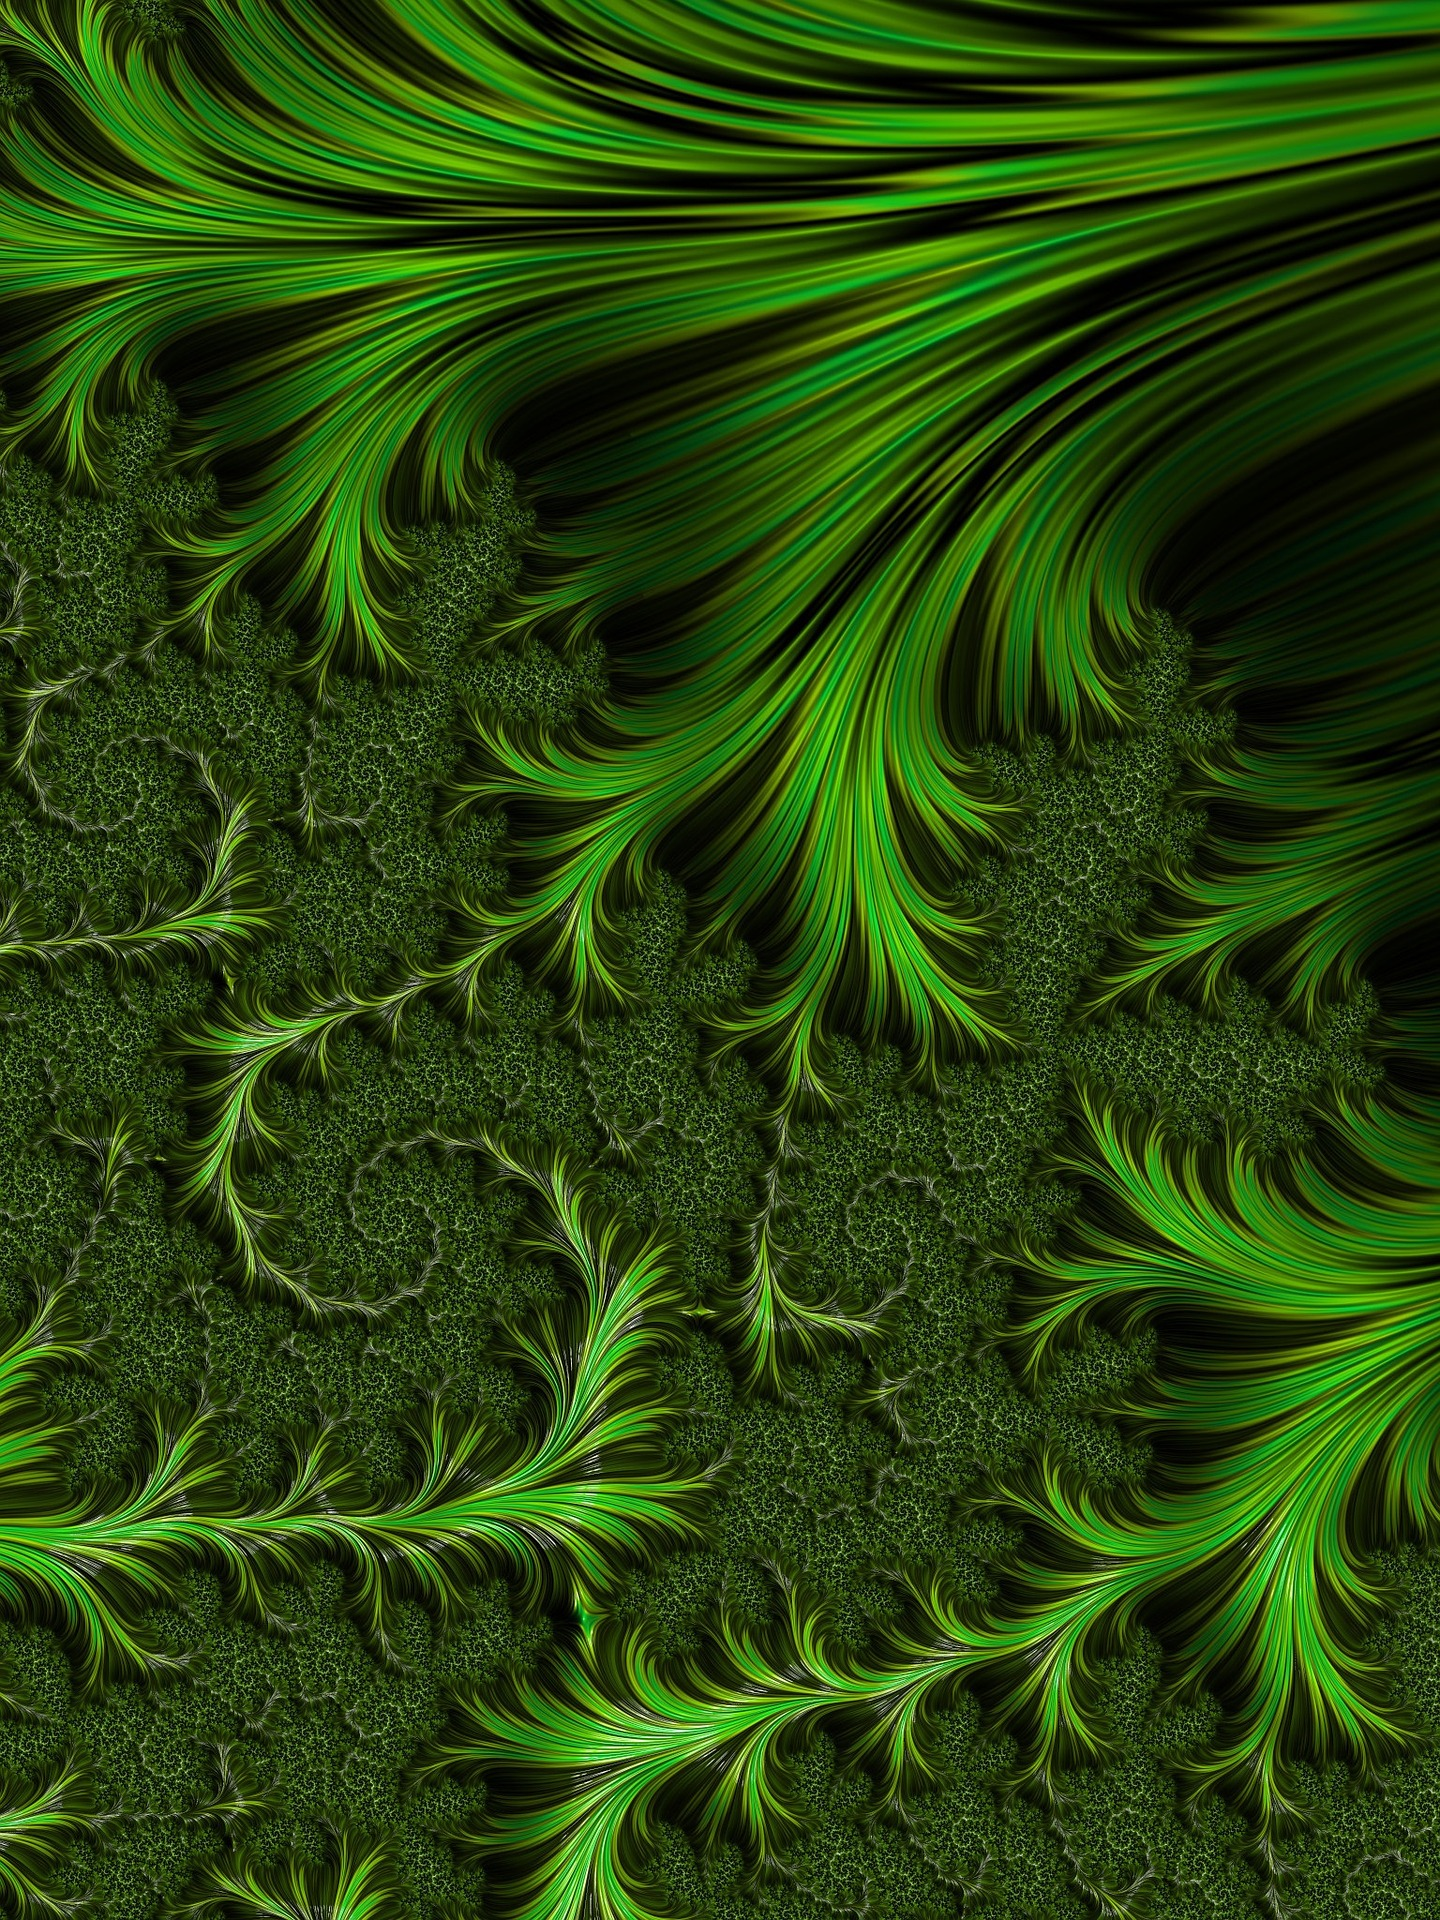 fractal-1034488_1920